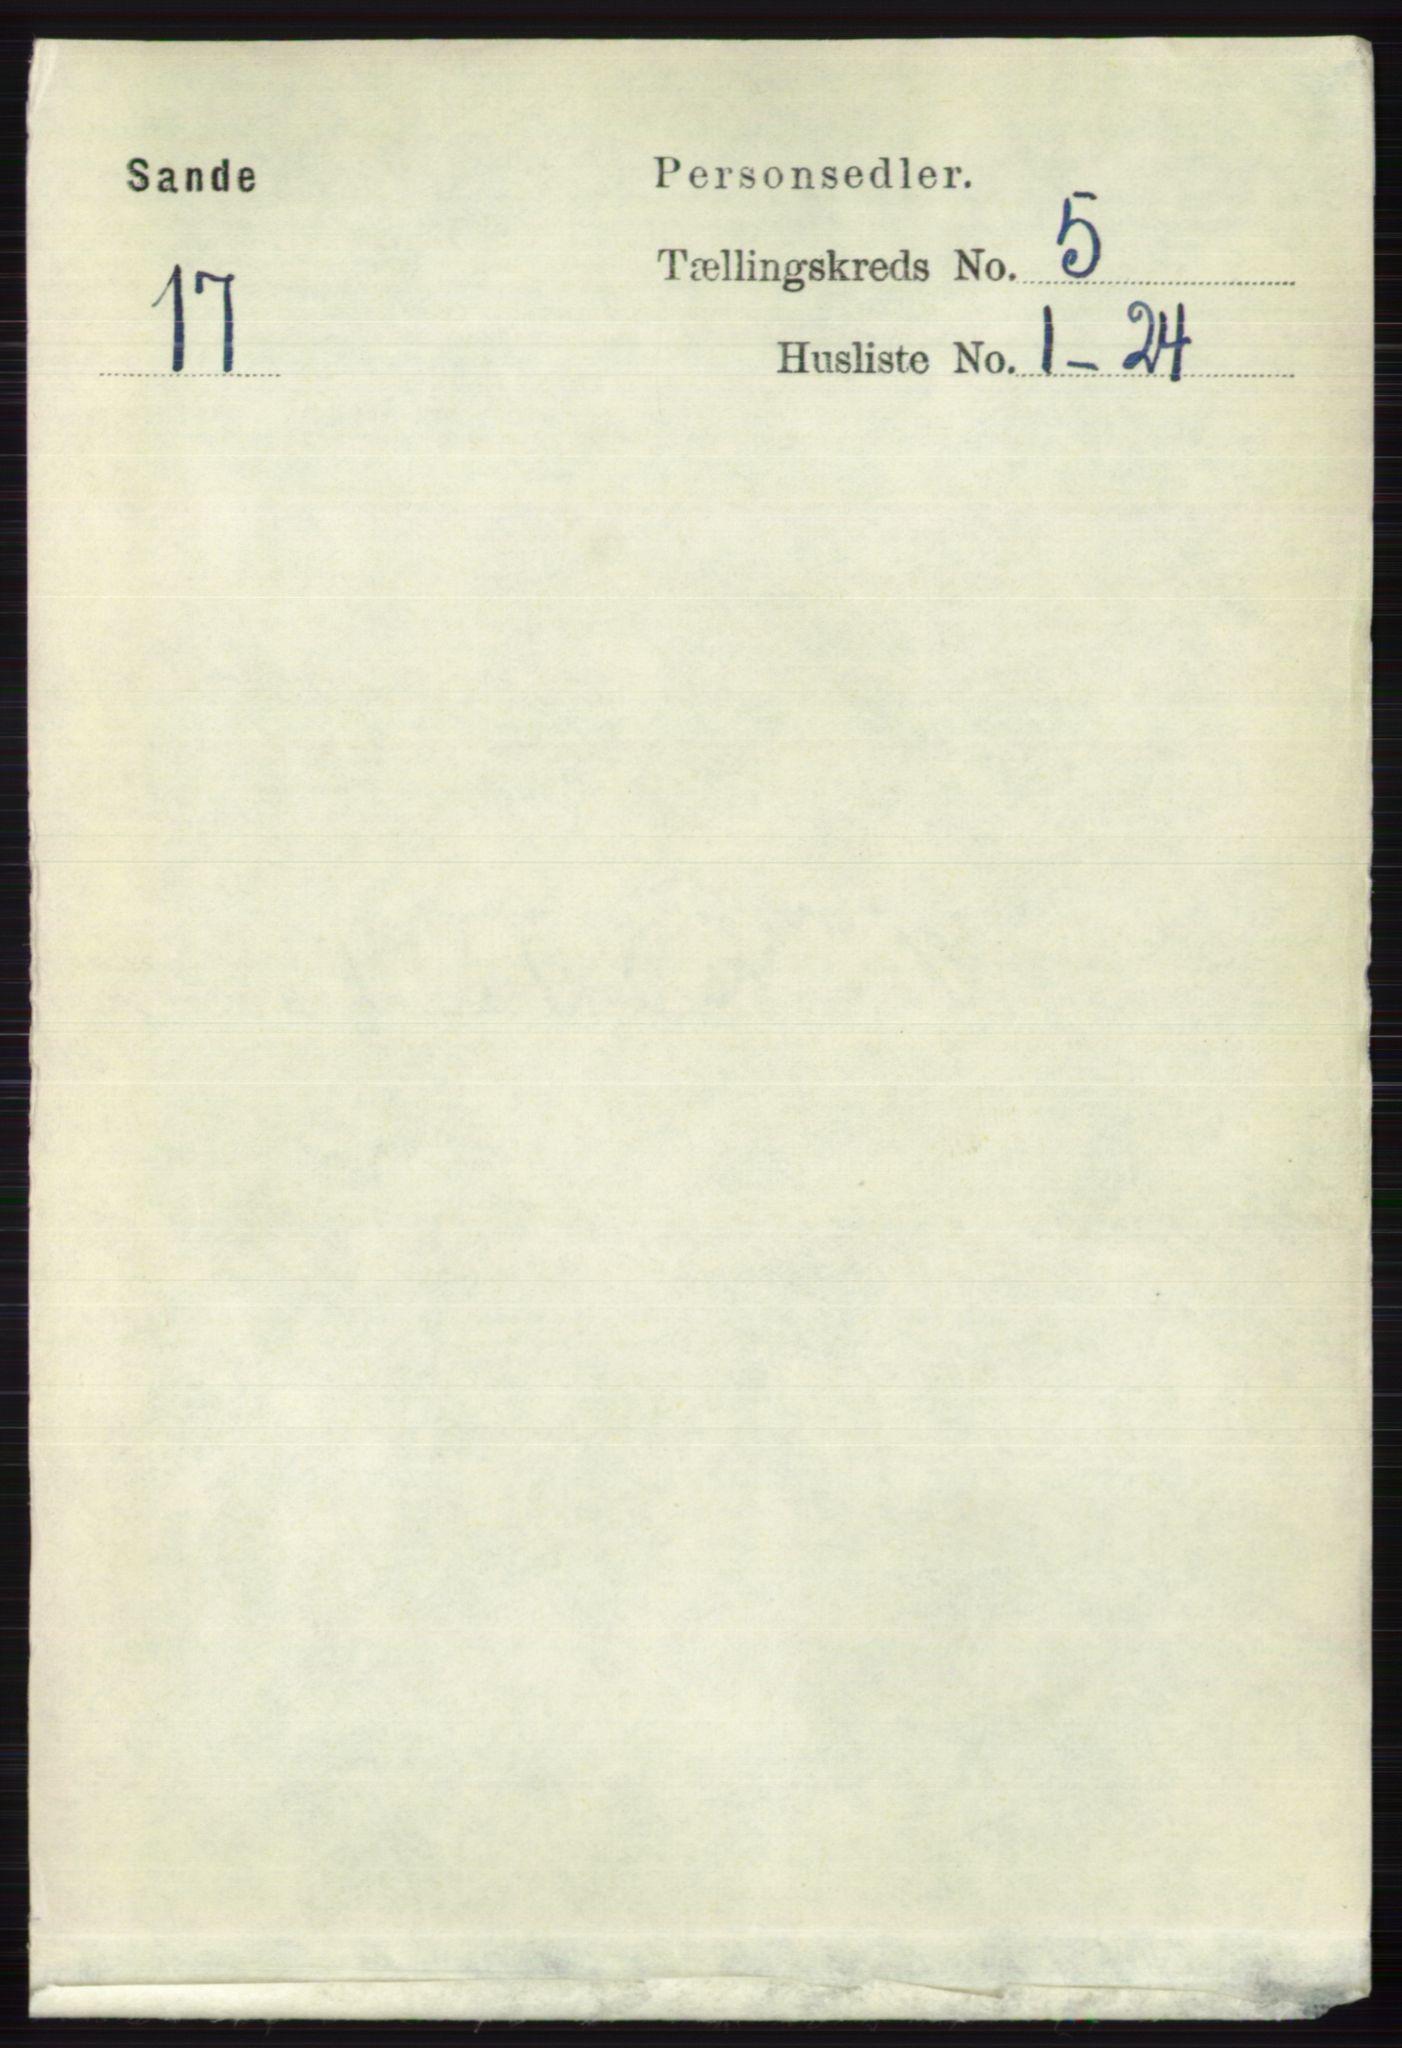 RA, Folketelling 1891 for 0713 Sande herred, 1891, s. 2137